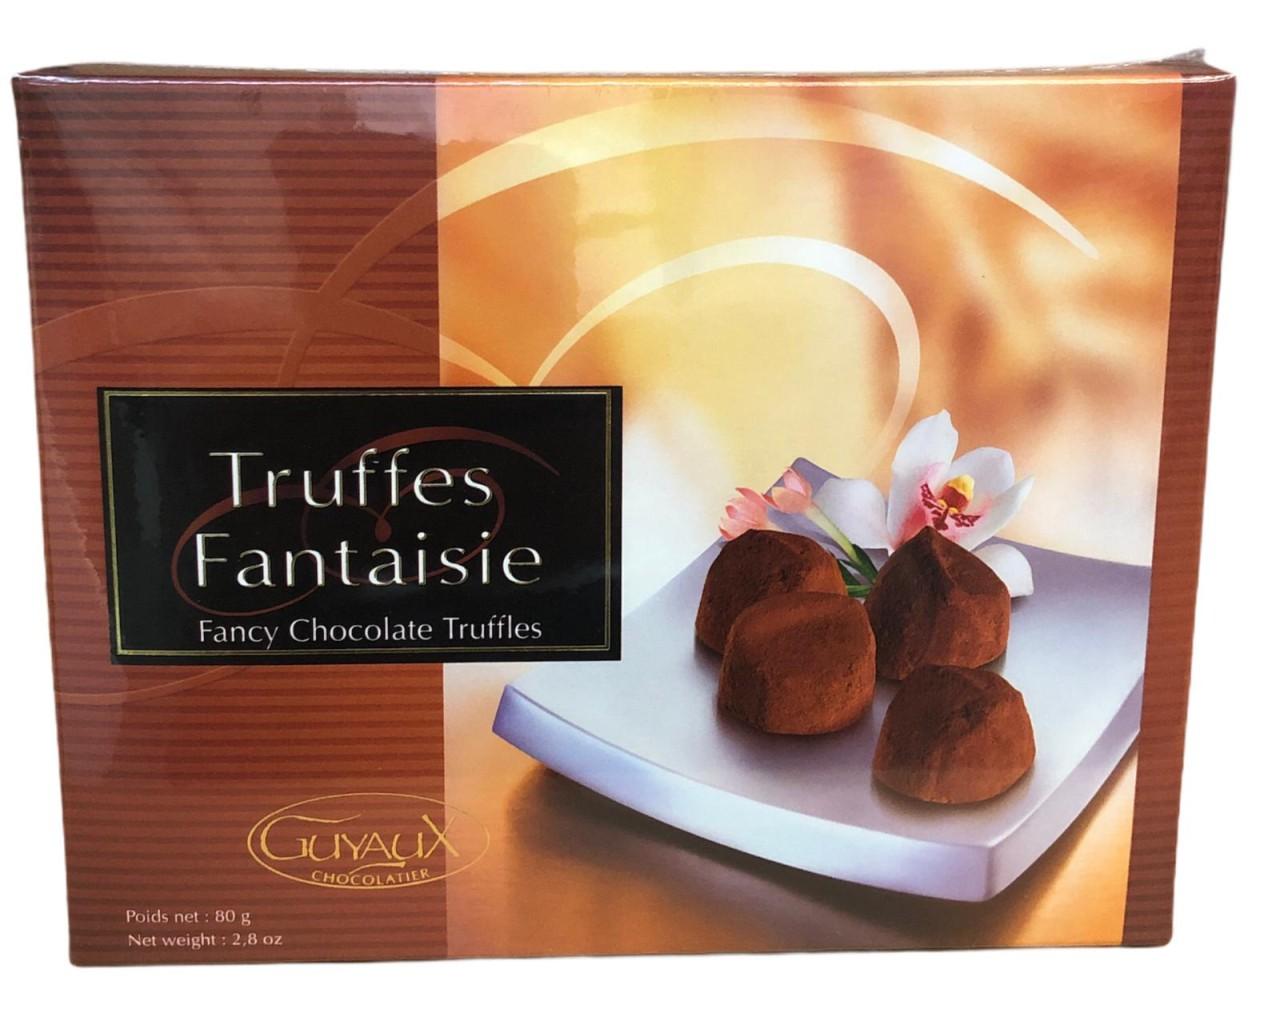 Guyaux Chocolatier Truffes Fantaisie 80 g